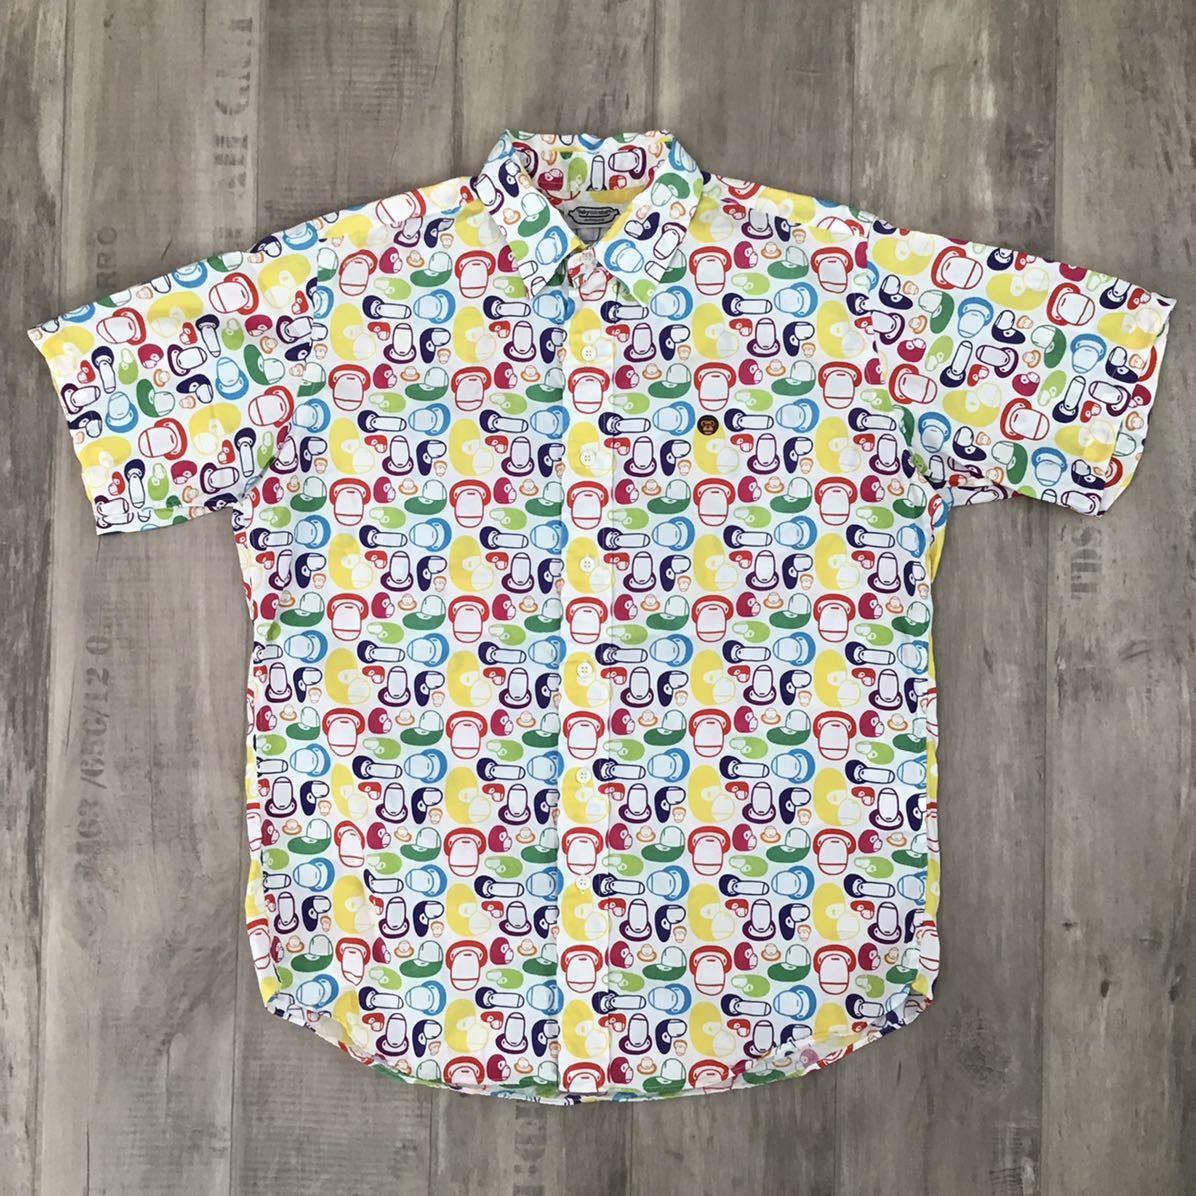 MILO multi camo 半袖シャツ Sサイズ a bathing ape bape エイプ ベイプ アベイシングエイプ マイロ 迷彩 nigo マルチカモ t8j4